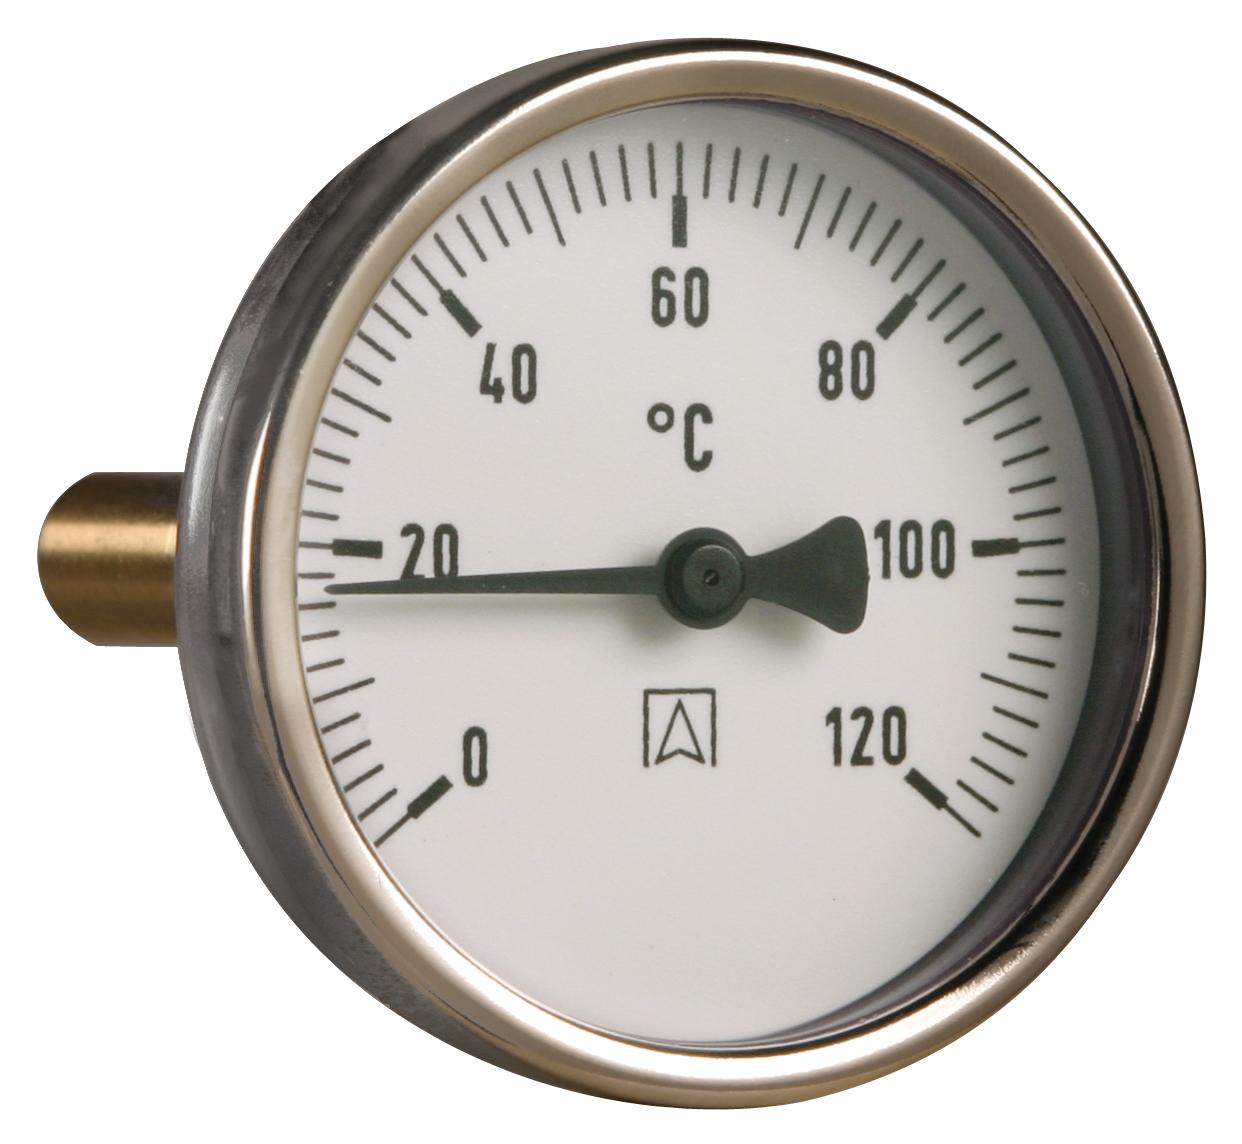 Termometr bimetaliczny BiTh 80,fi80 mm, 0÷160°C, L 40 mm, G1/2'' ax, kl. 2